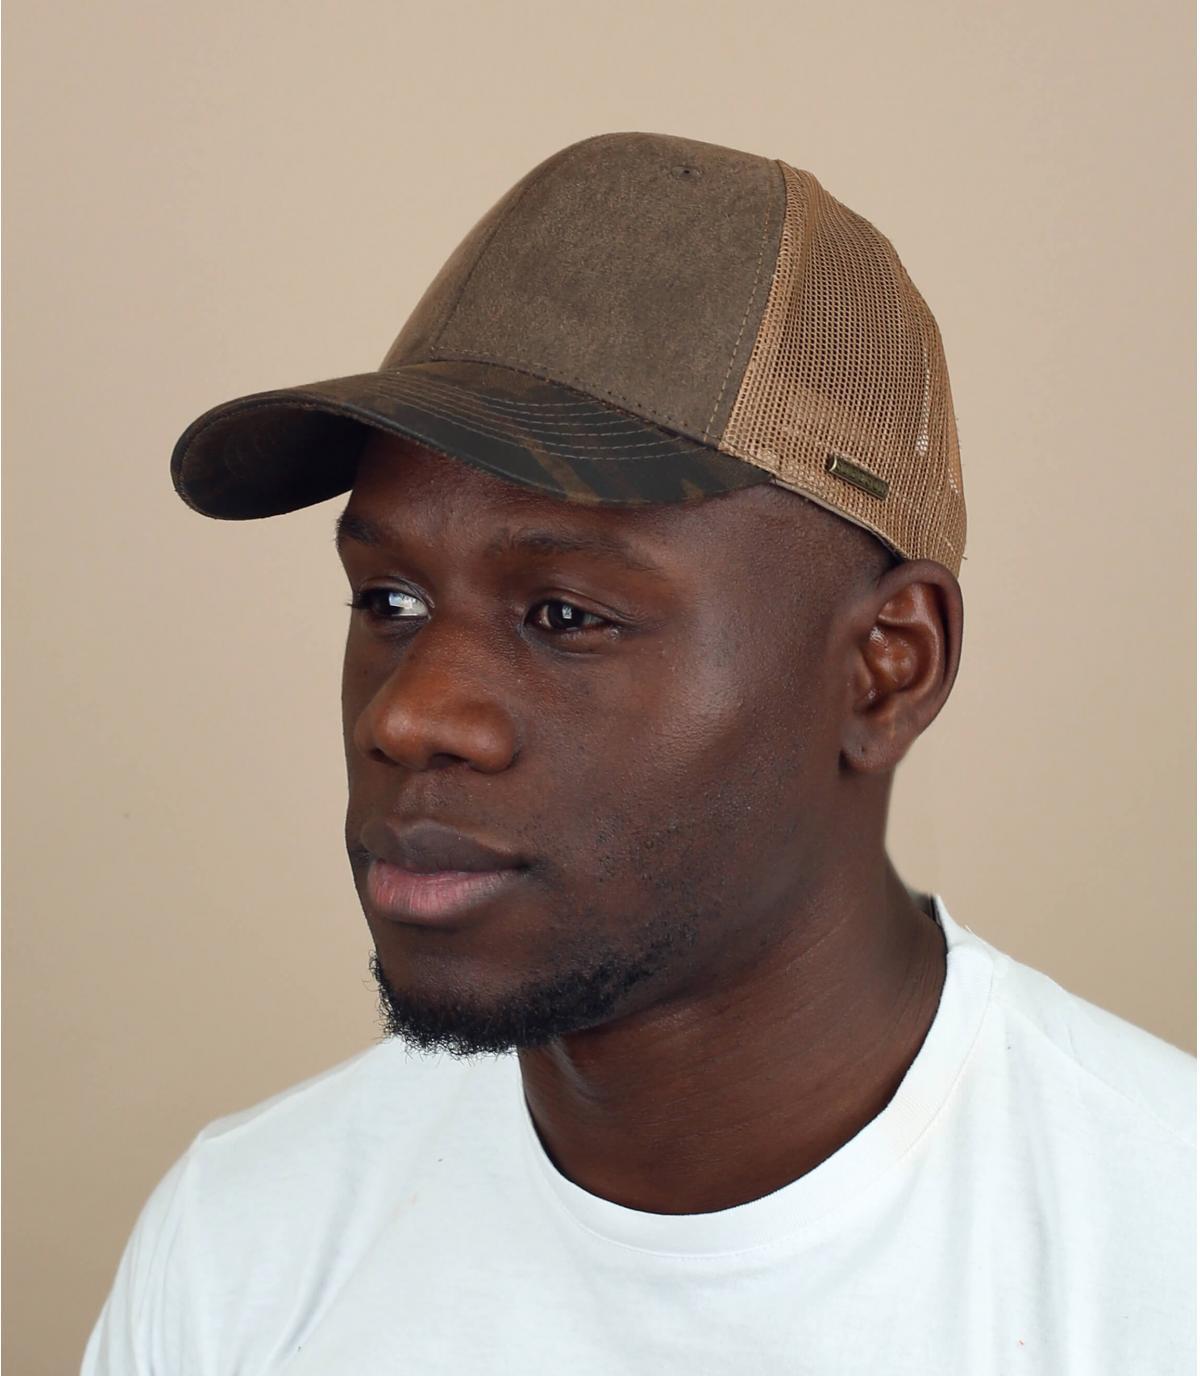 Brown green trucker cap Stetson